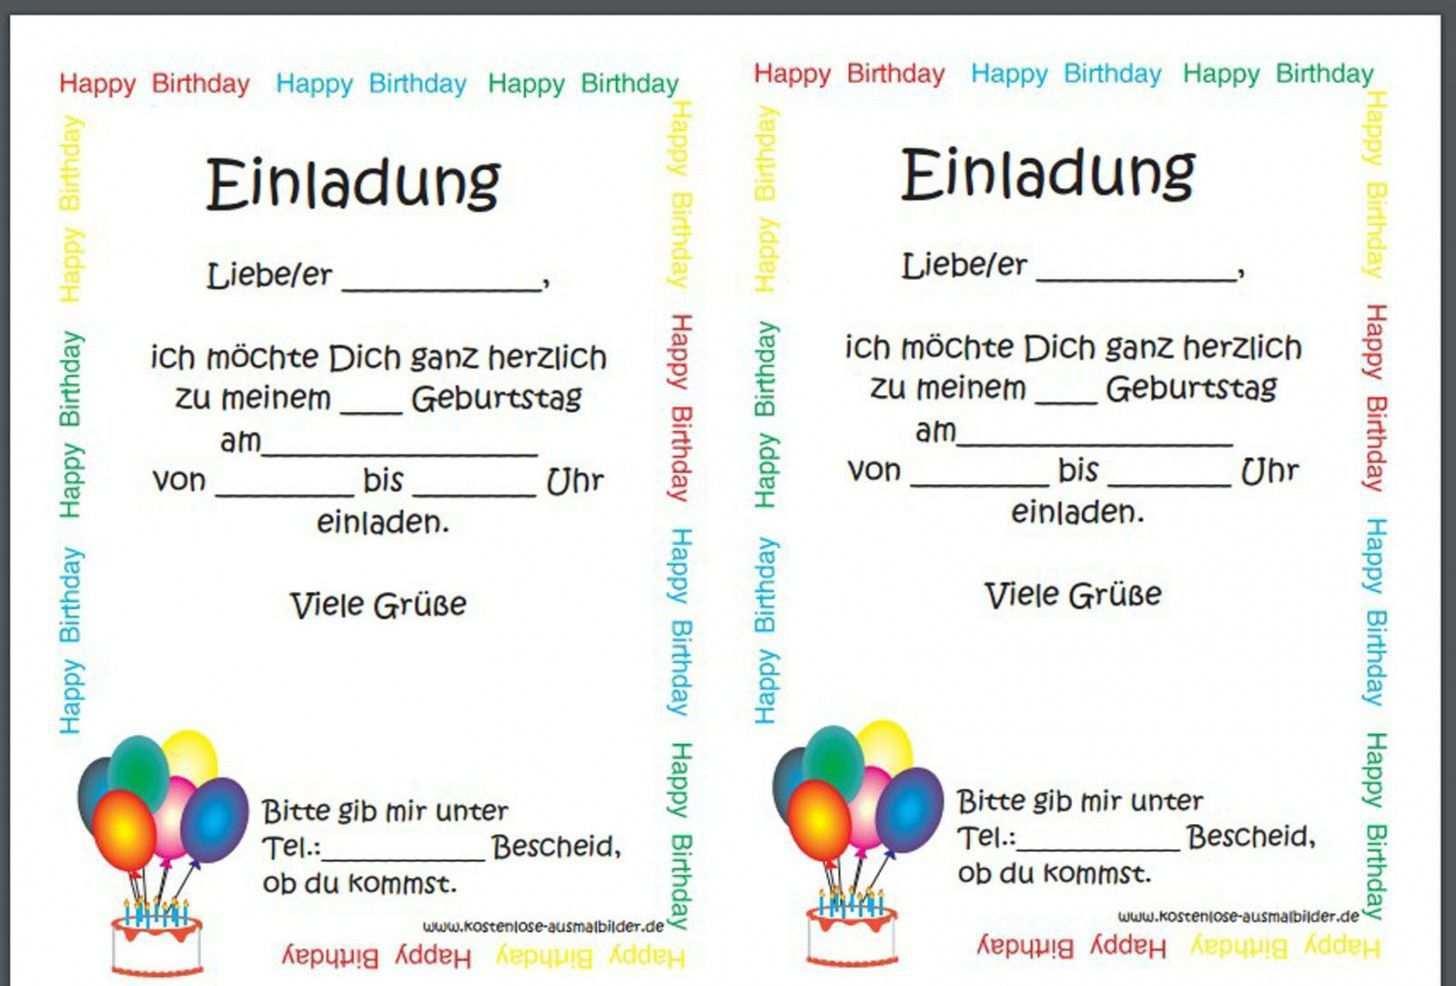 Einladungskarten Geburtstag Einladungskarten Gebur Vorlage Einladung Kindergeburtstag Einladungskarten Kindergeburtstag Text Einladungen Geburtstag Kostenlos